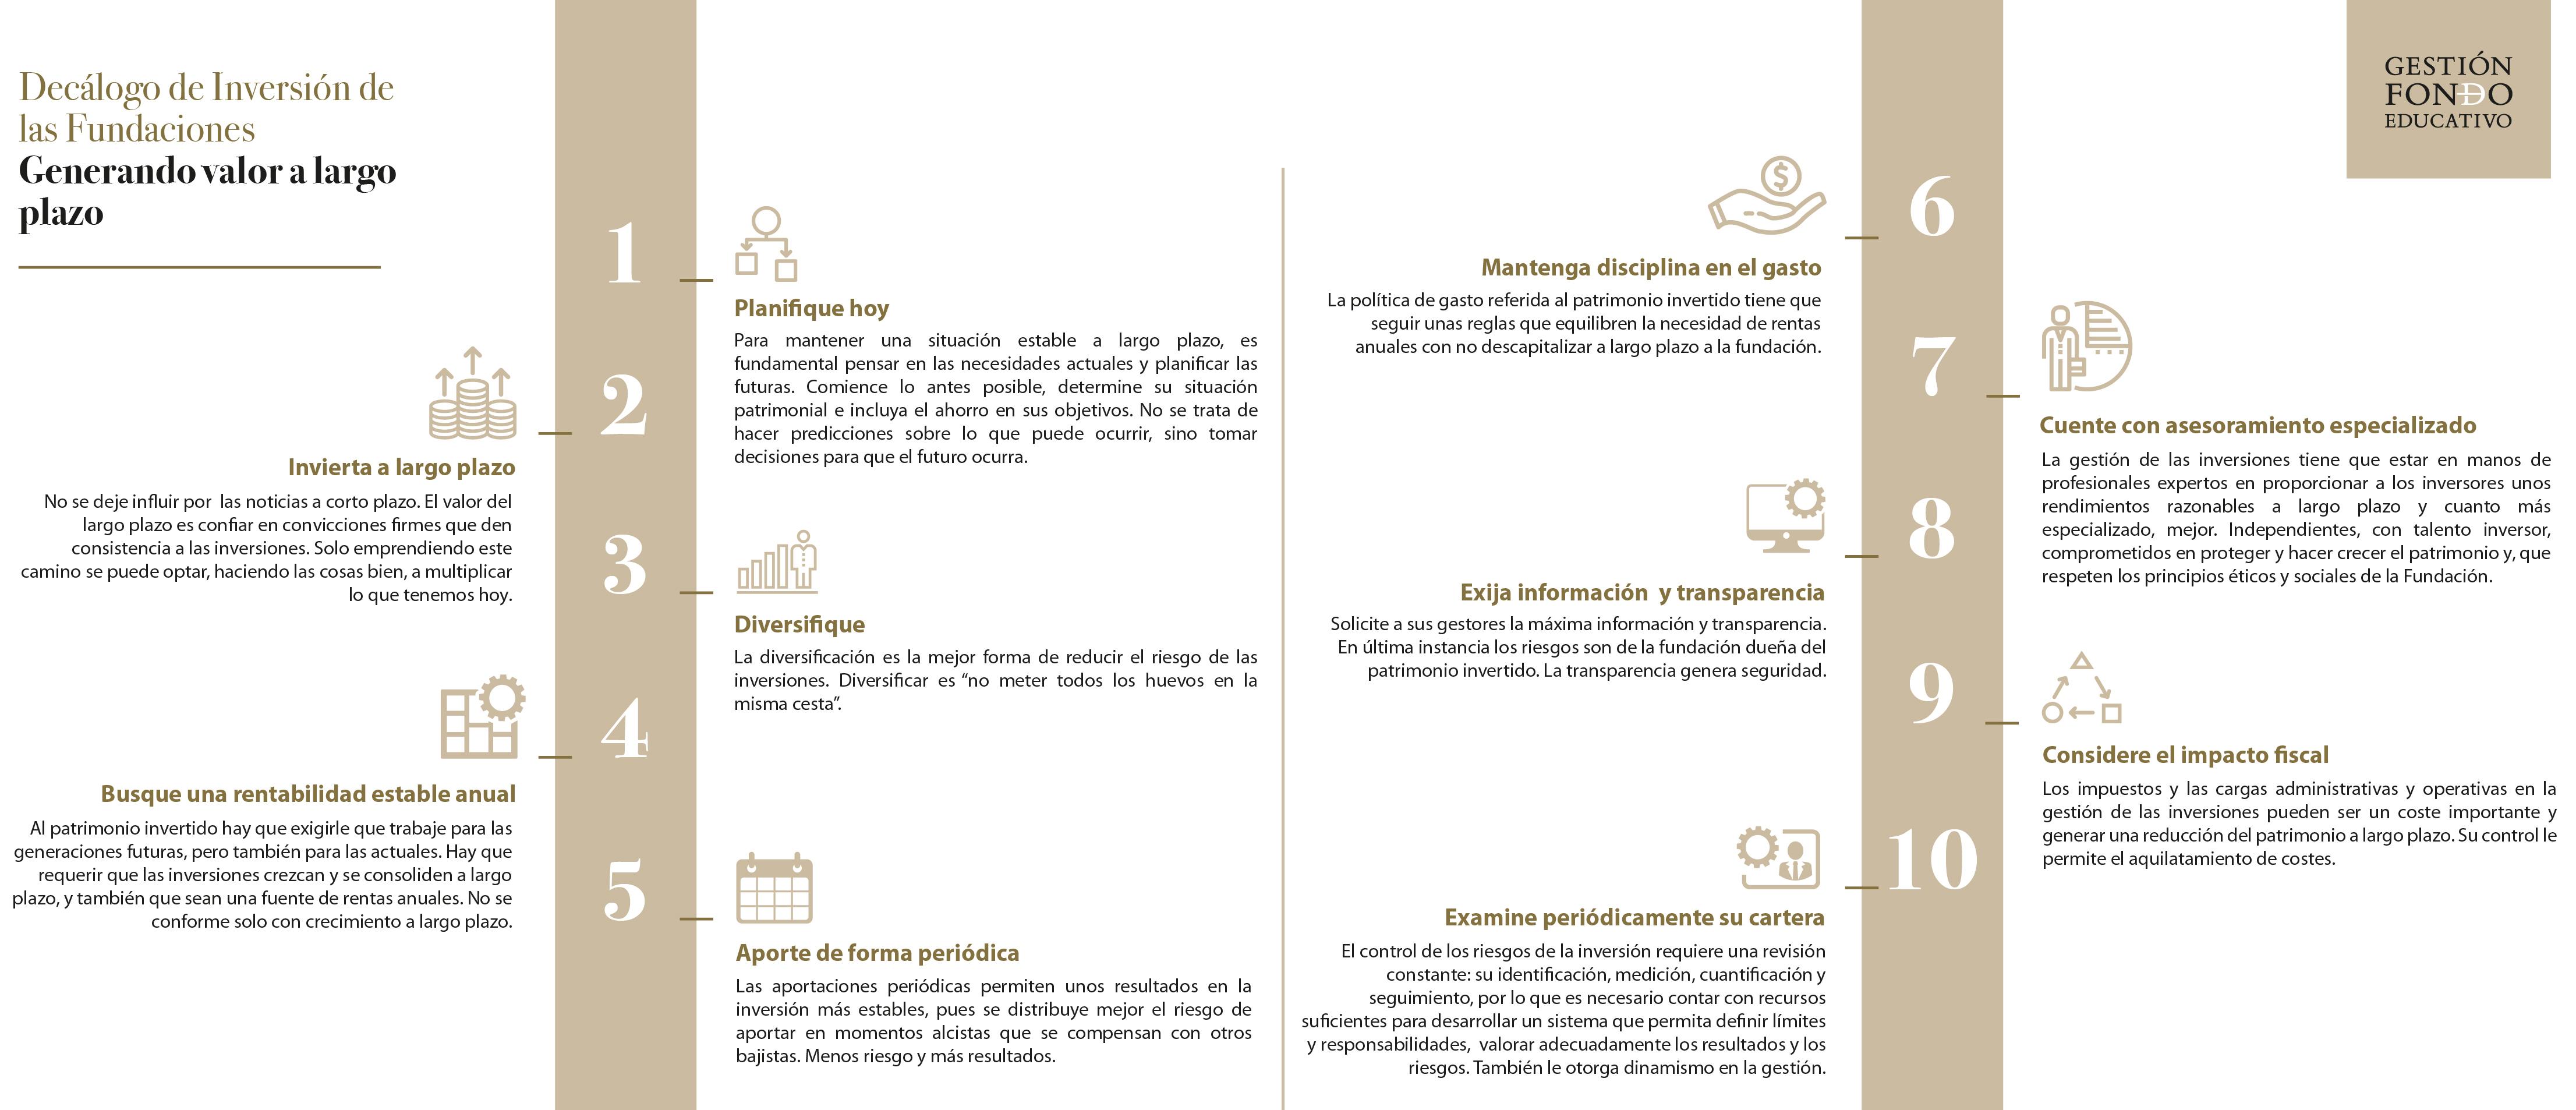 GFED lanza el primer decálogo de inversión para las fundaciones